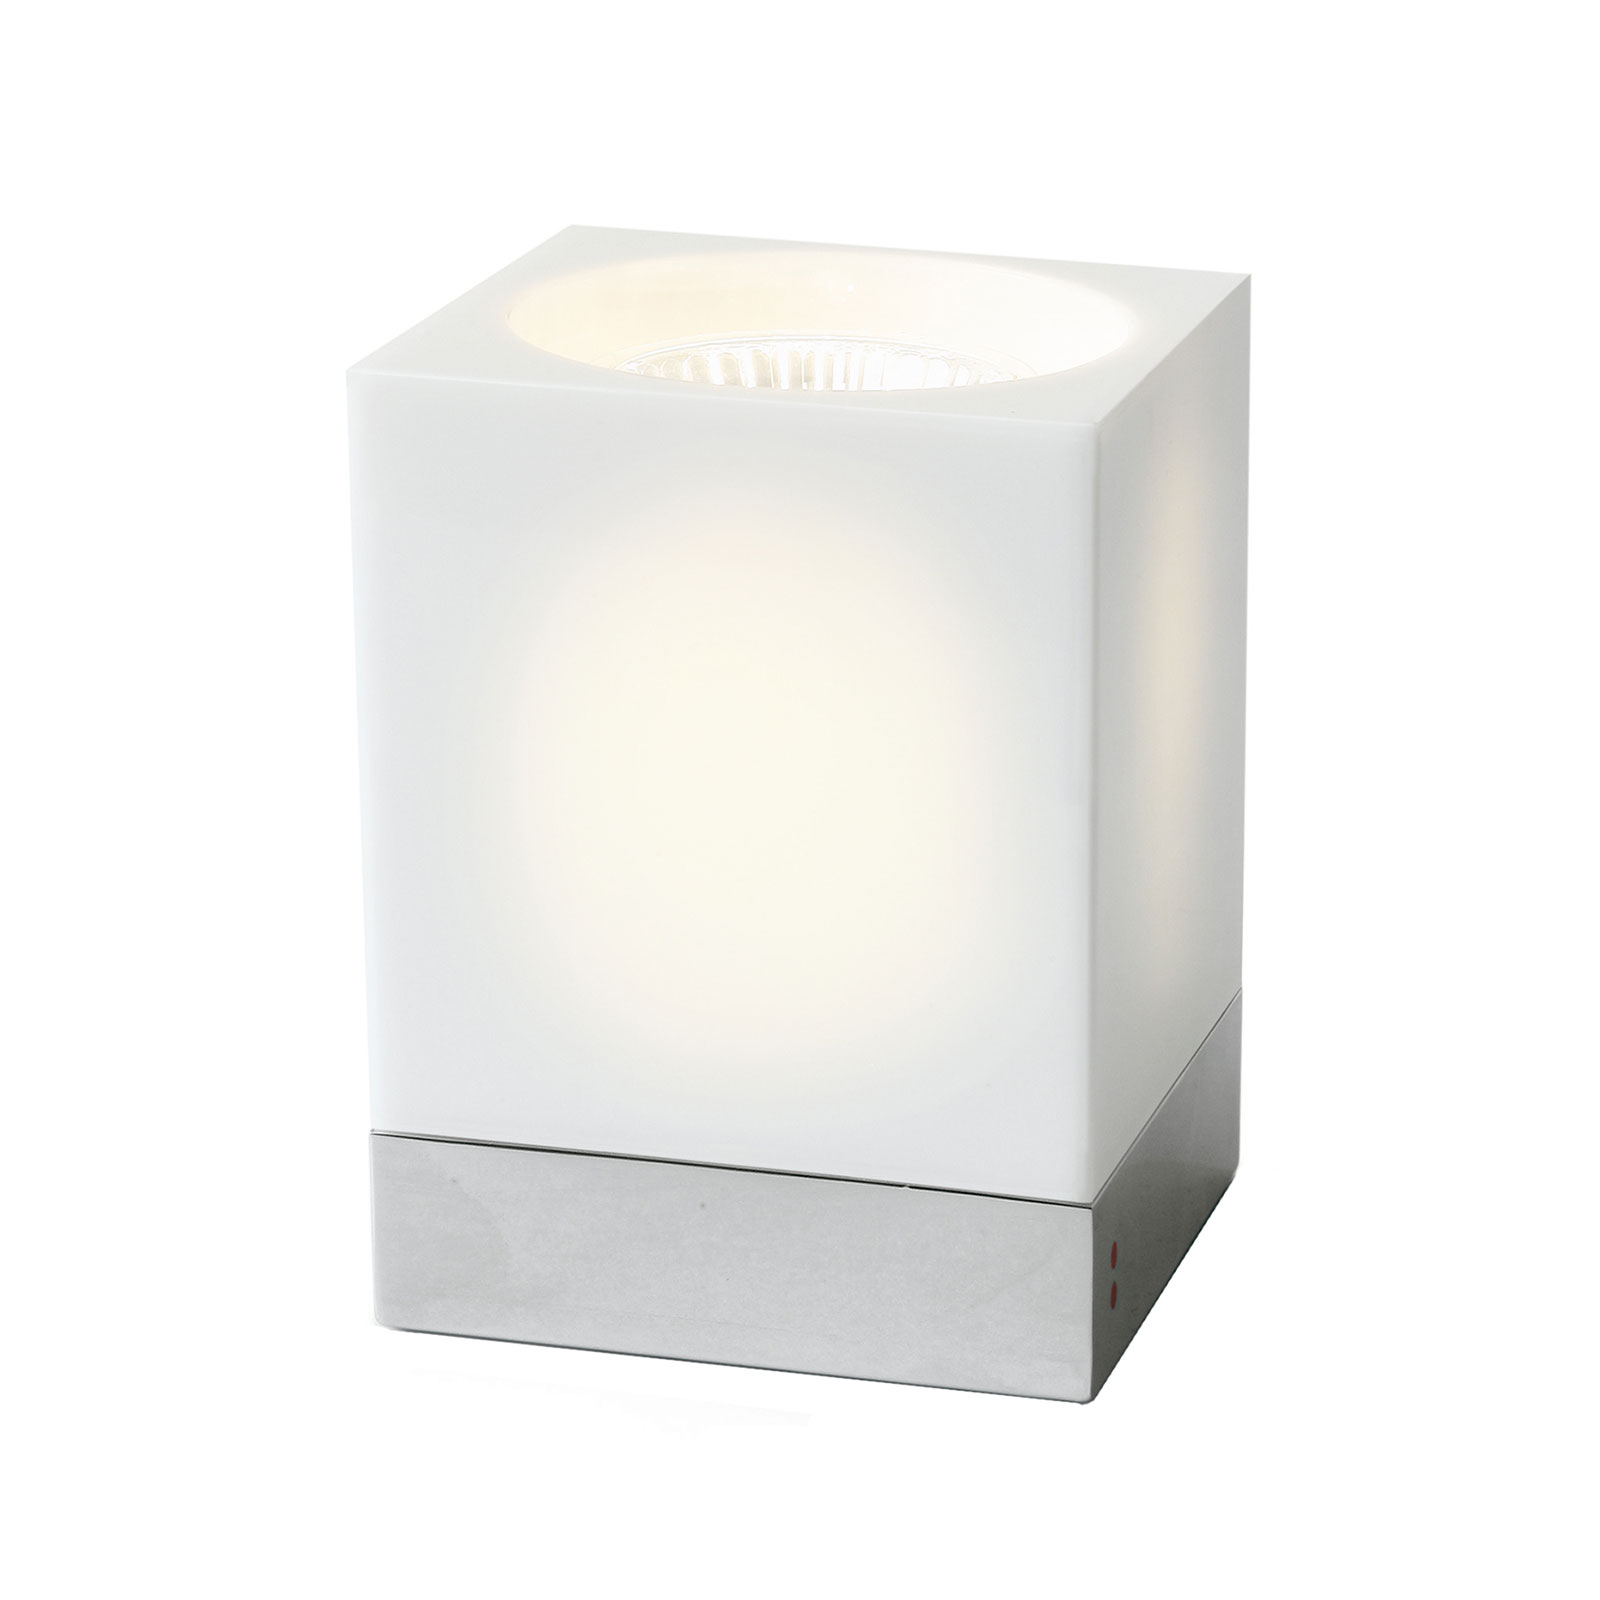 Fabbian Cubetto Tischleuchte GU10 chrom/weiß